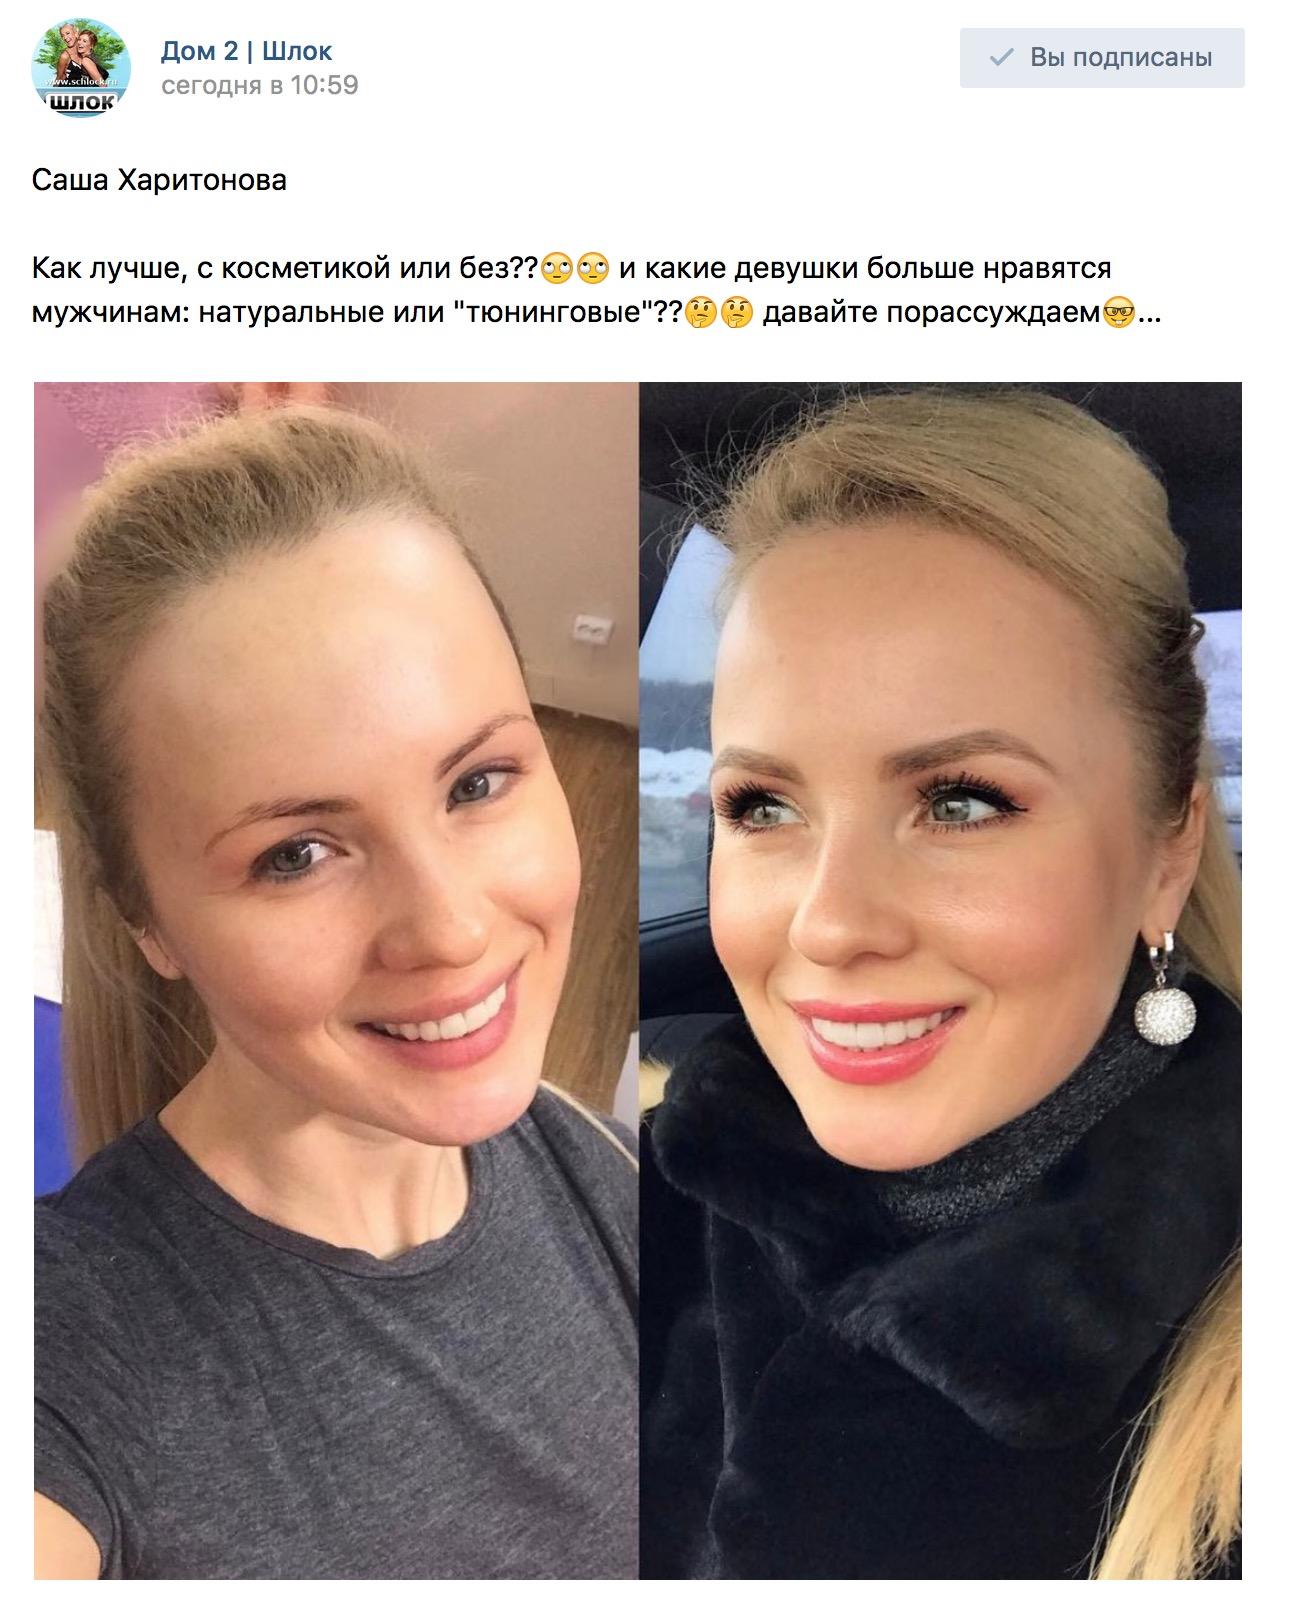 Просят фото без макияжа